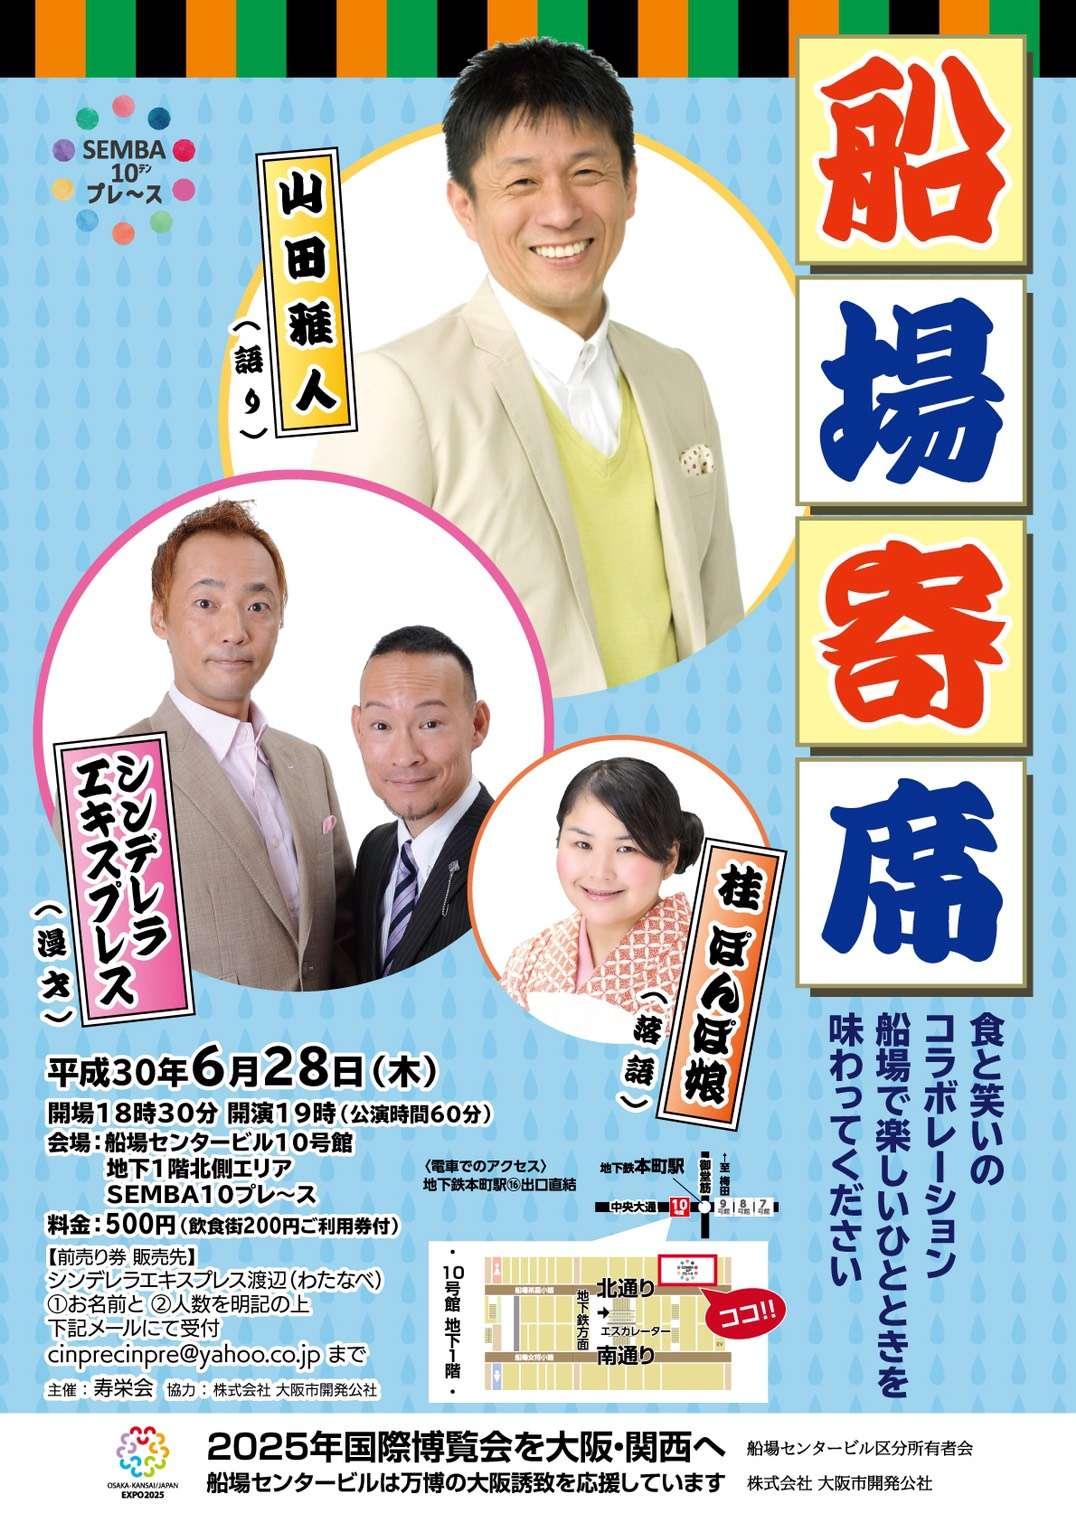 【イベント】船場寄席~其ノ二~山田雅人ほか